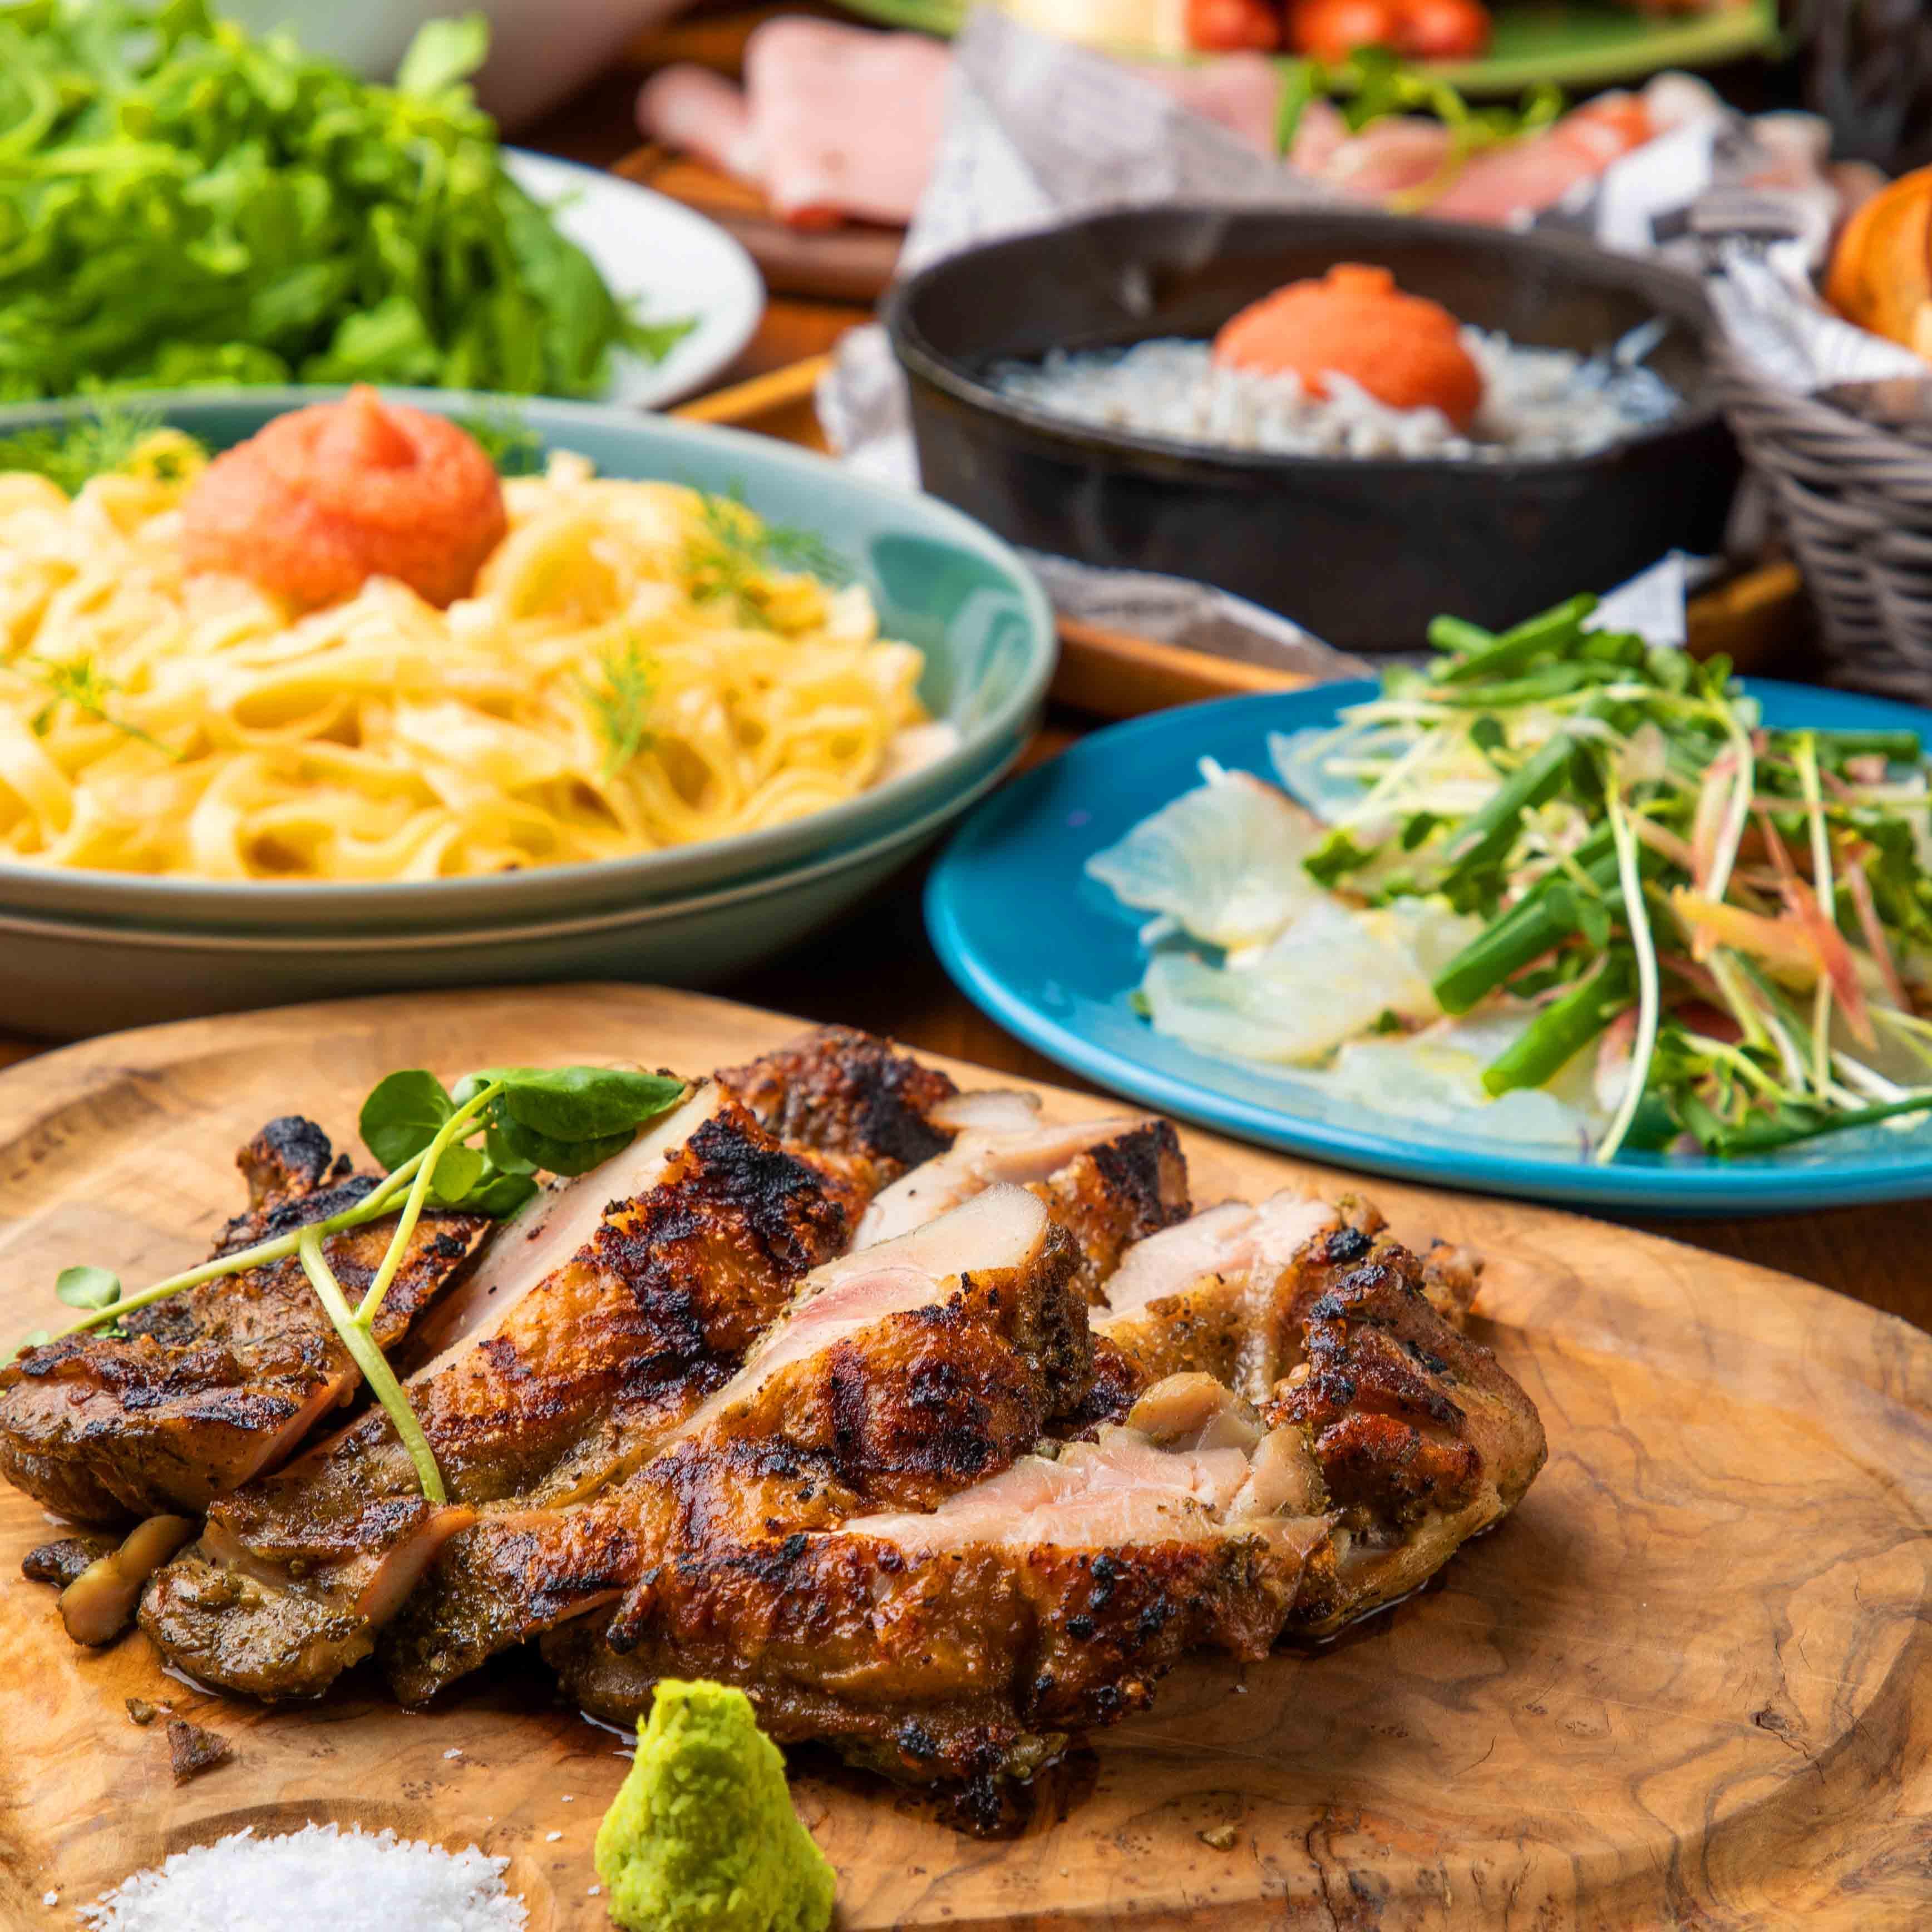 [お料理のみ] 【お料理のみ】チキングリル&本格トルティーヤピッツァが味わえる♪8品